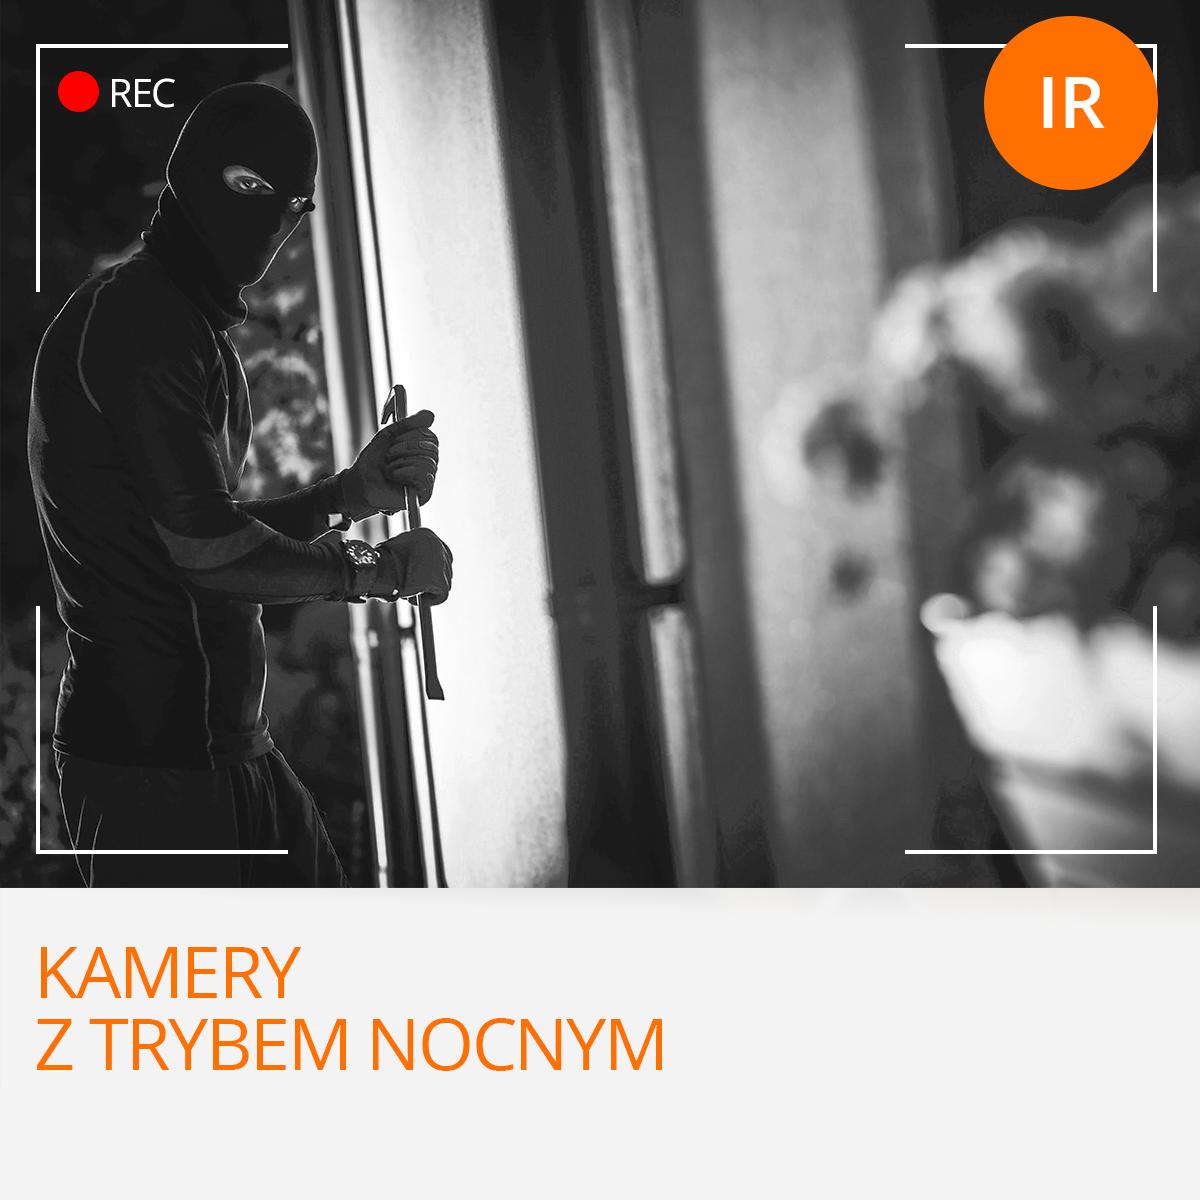 zestaw kamera bezprzewodowa ip na podczerwien orllo.pl